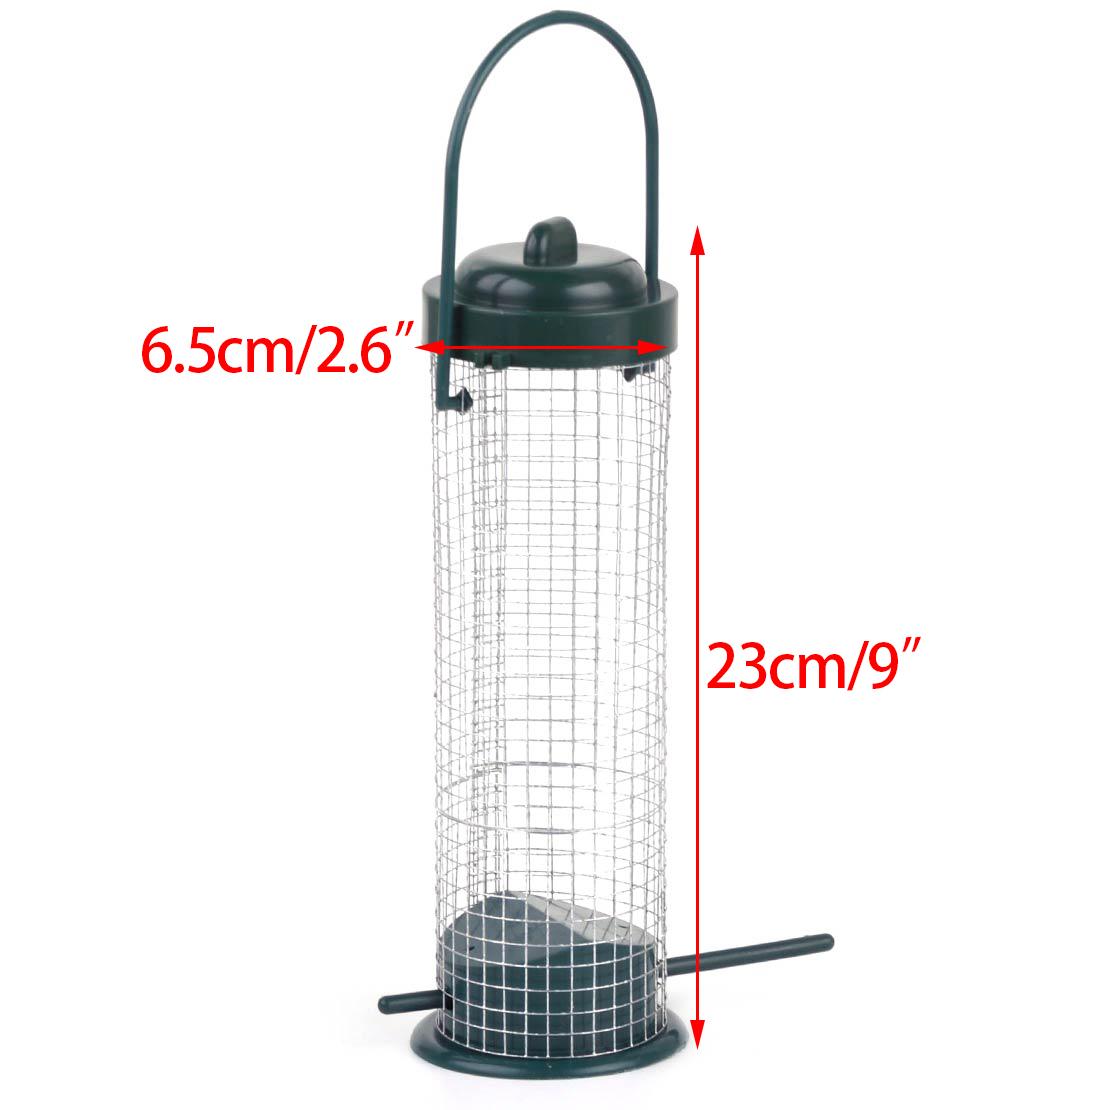 Iron Wire Hanging Seed Feeder Hanger Wild Bird Squirrel Garden Peanut Feeding